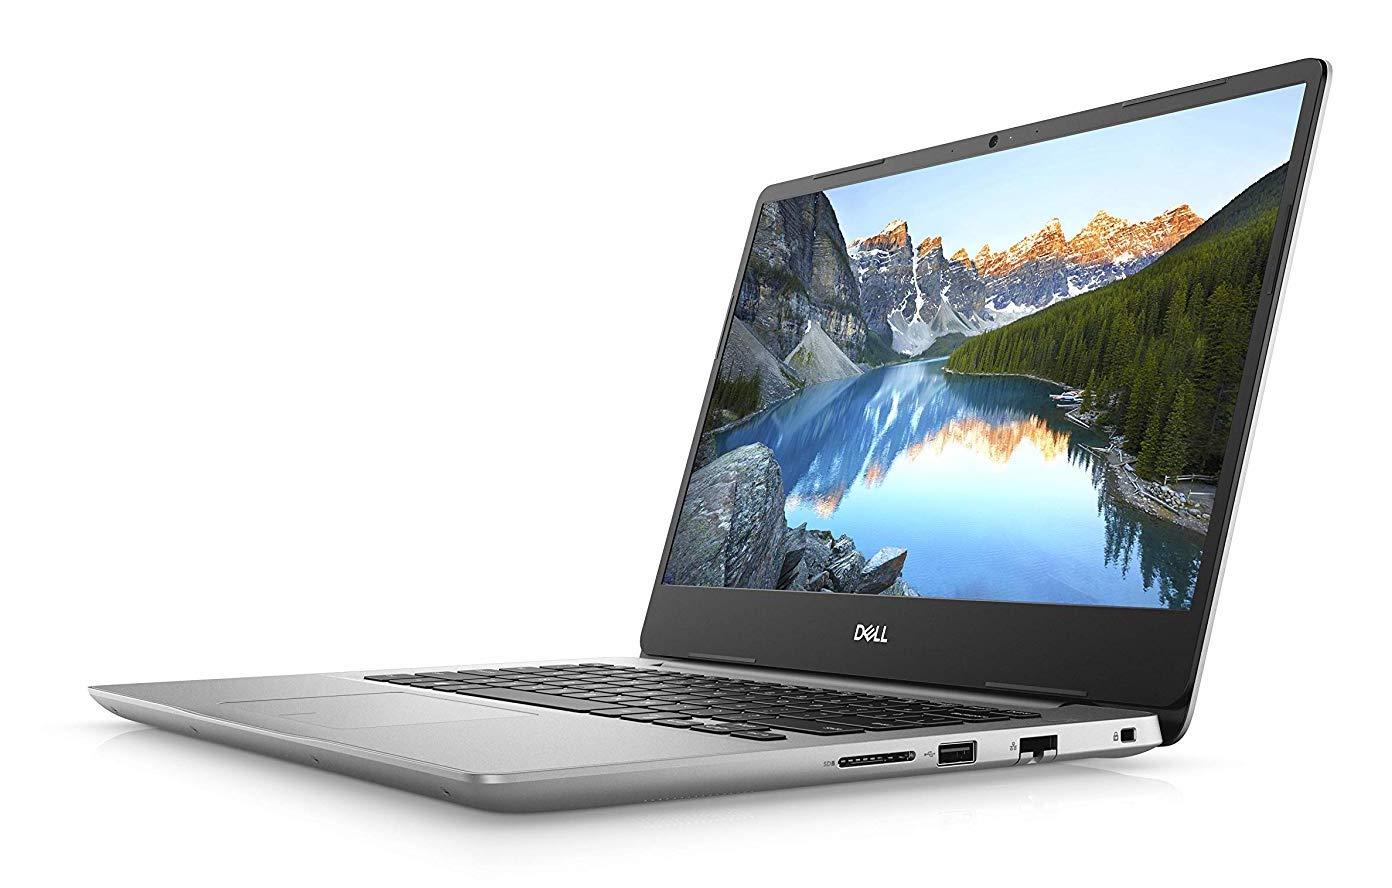 Dell Inspiron 14 5480, 14 pouces multimédia MX250 (749€)